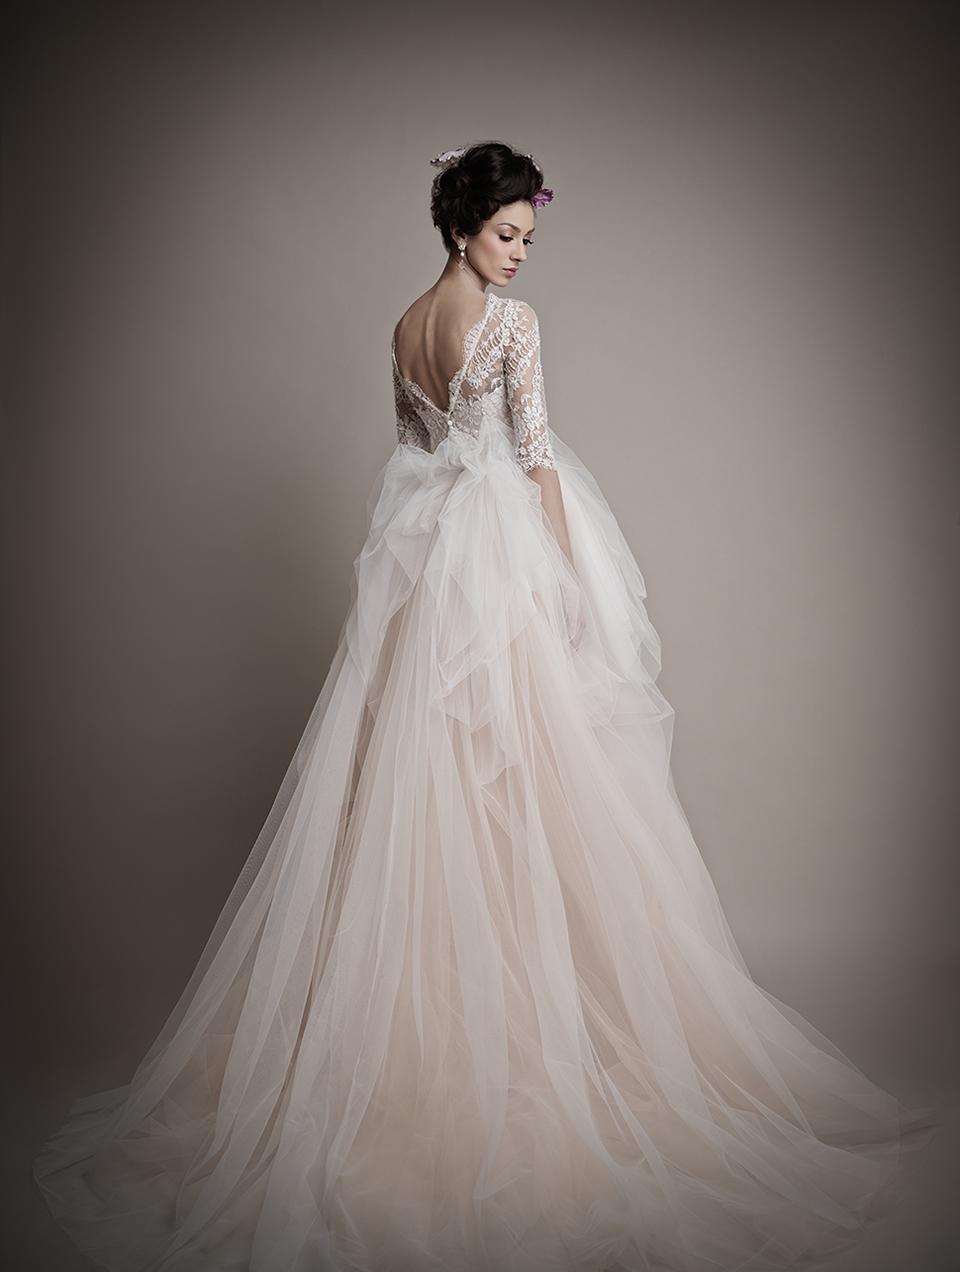 Коллекция свадебных платьев 2015 года от Ersa Atelier12-1